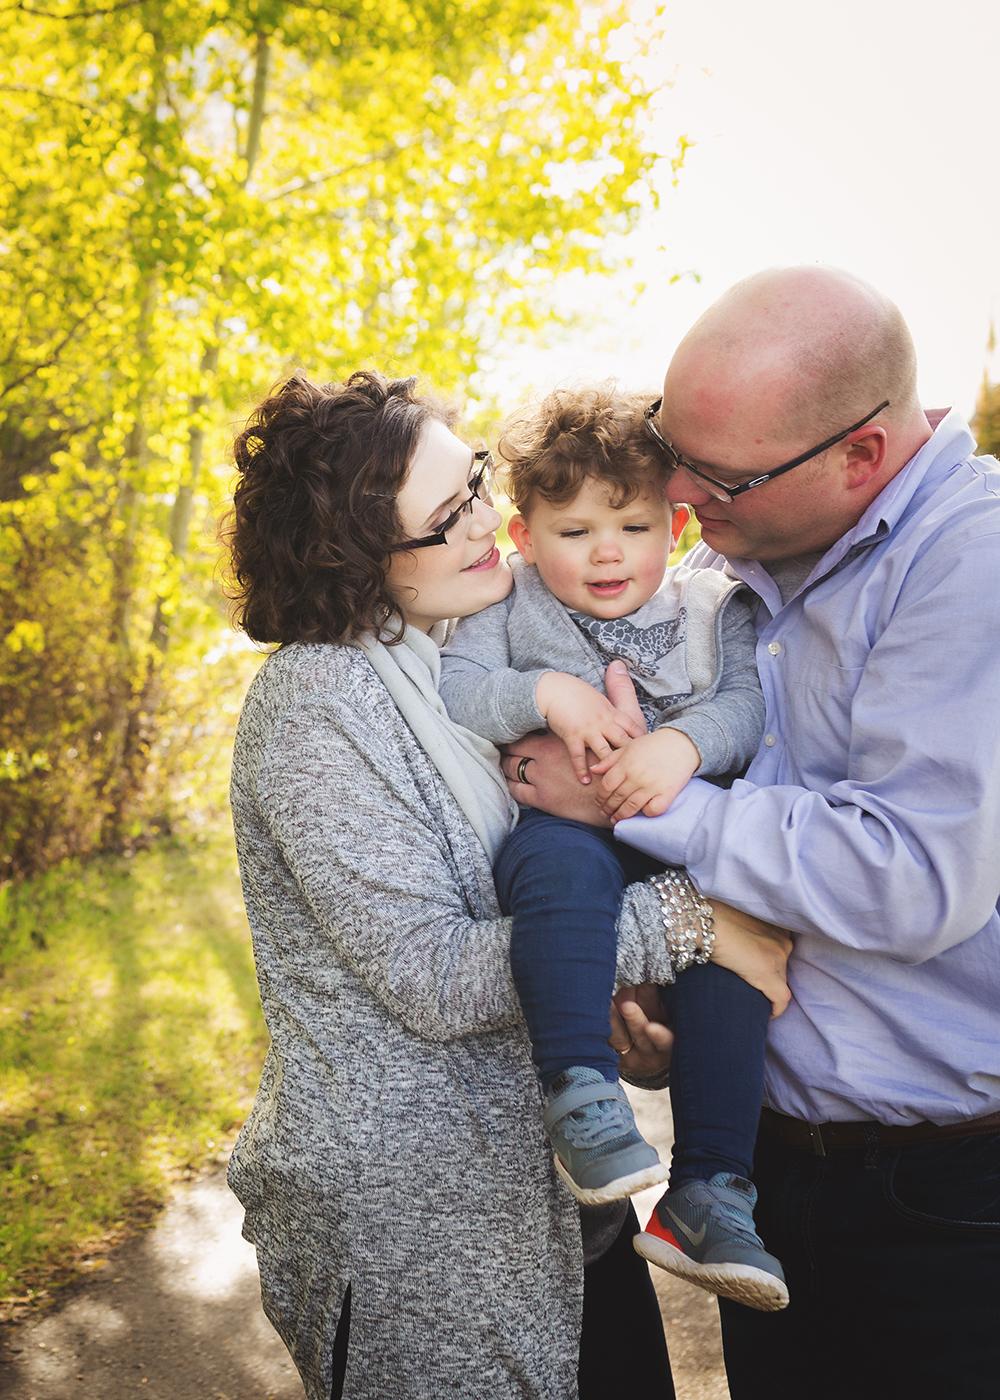 Edmonton Family Photographer_Stokes Family 8.jpg